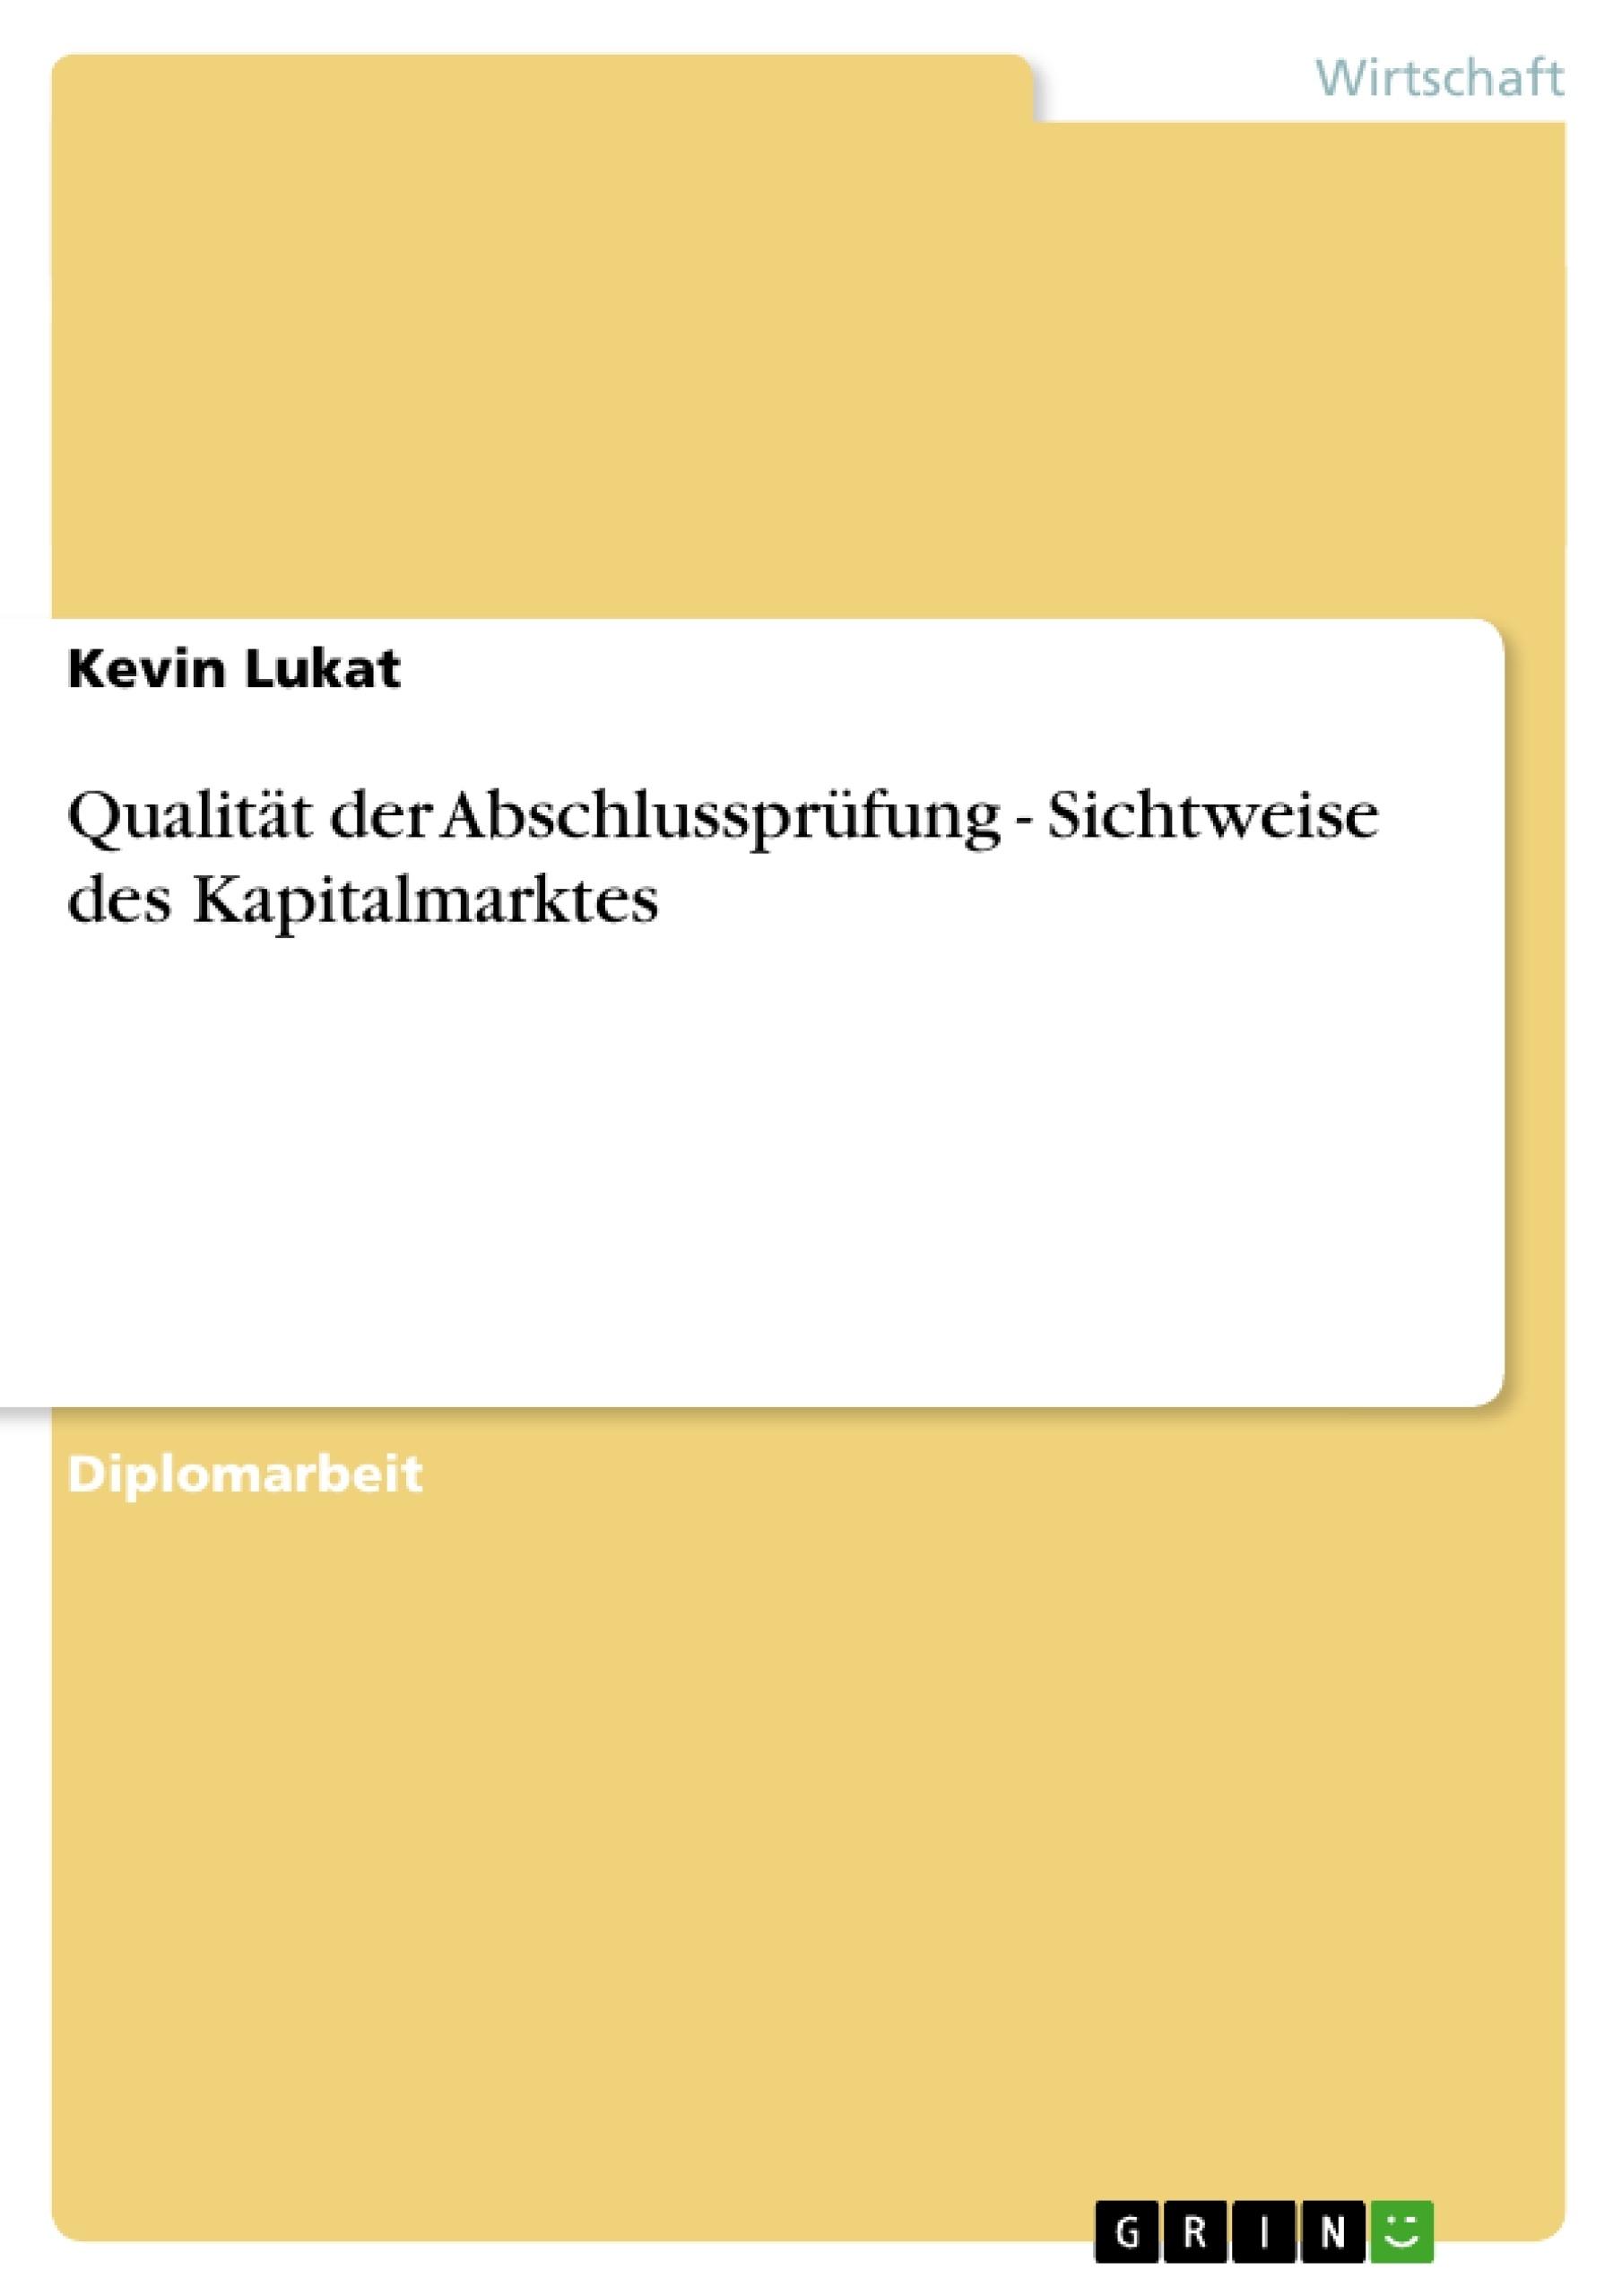 Titel: Qualität der Abschlussprüfung - Sichtweise des Kapitalmarktes